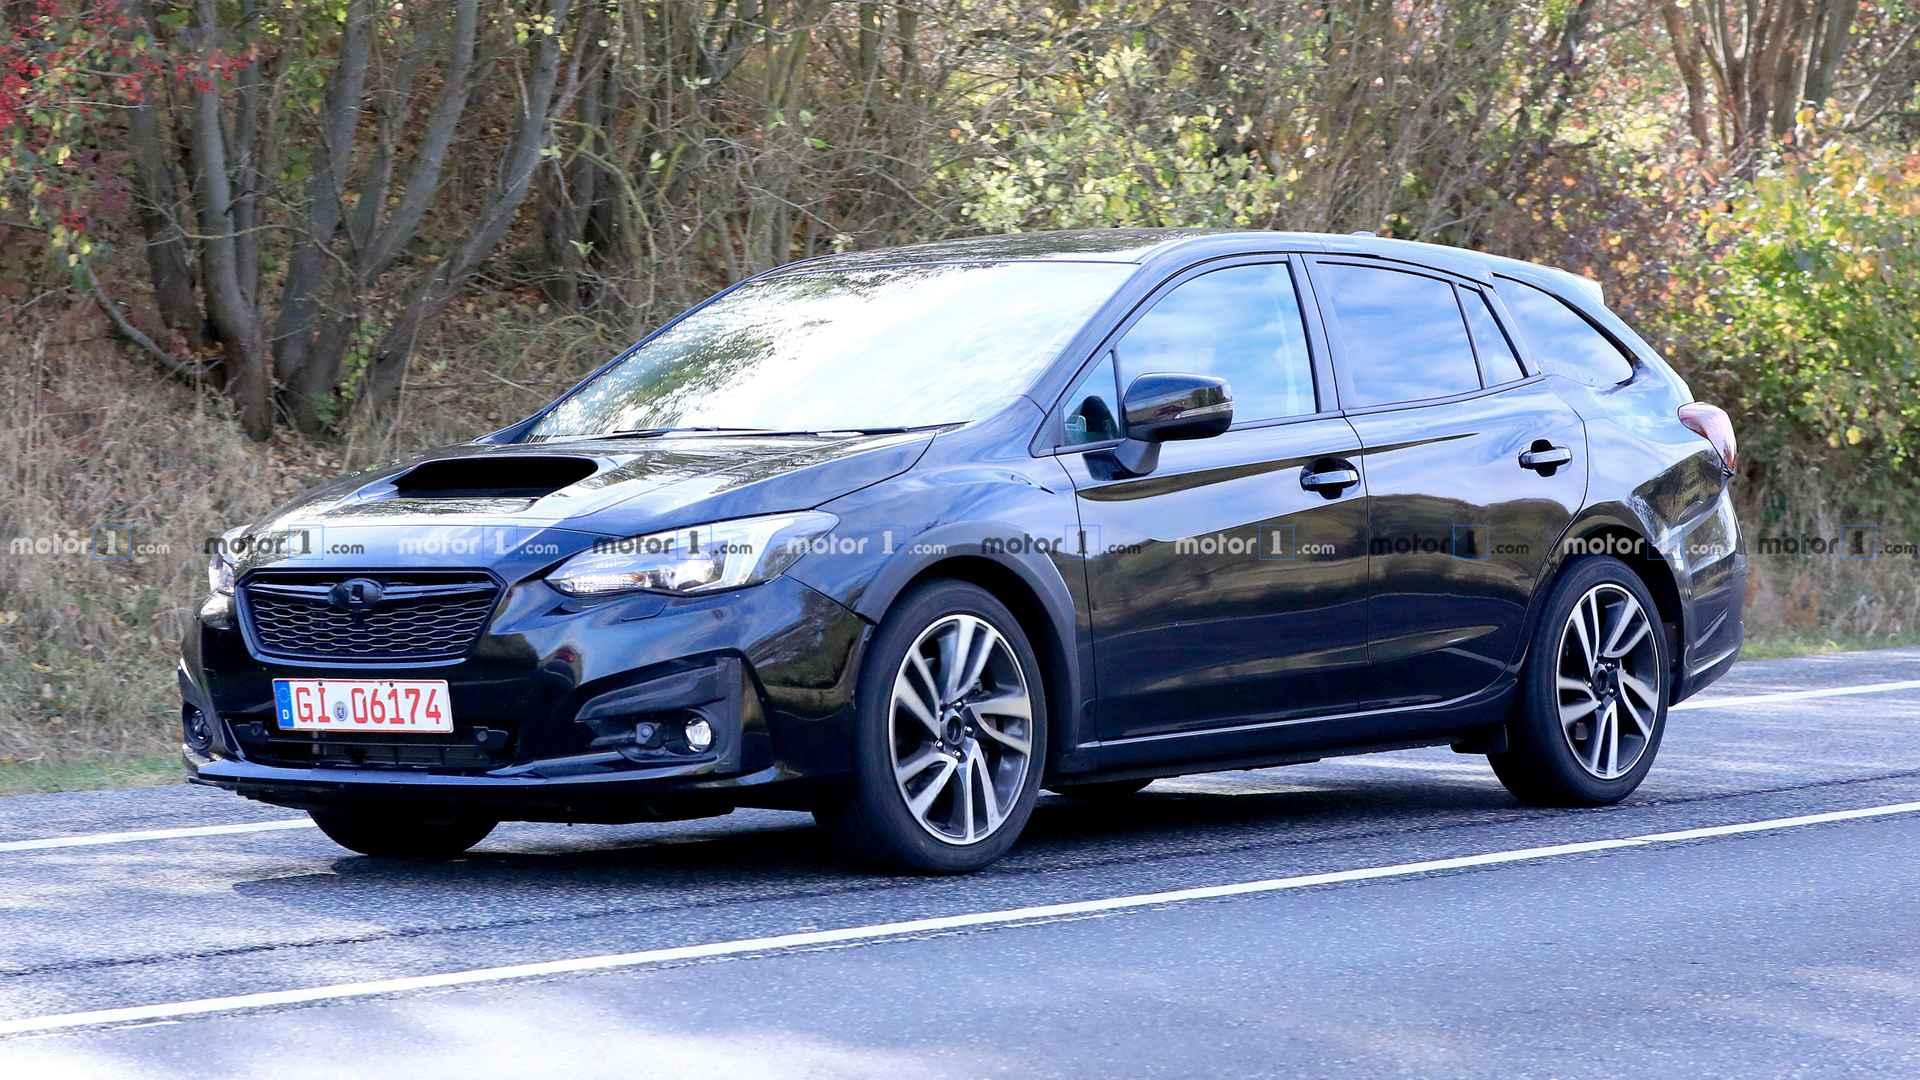 72 The Subaru Levorg 2020 Ratings with Subaru Levorg 2020